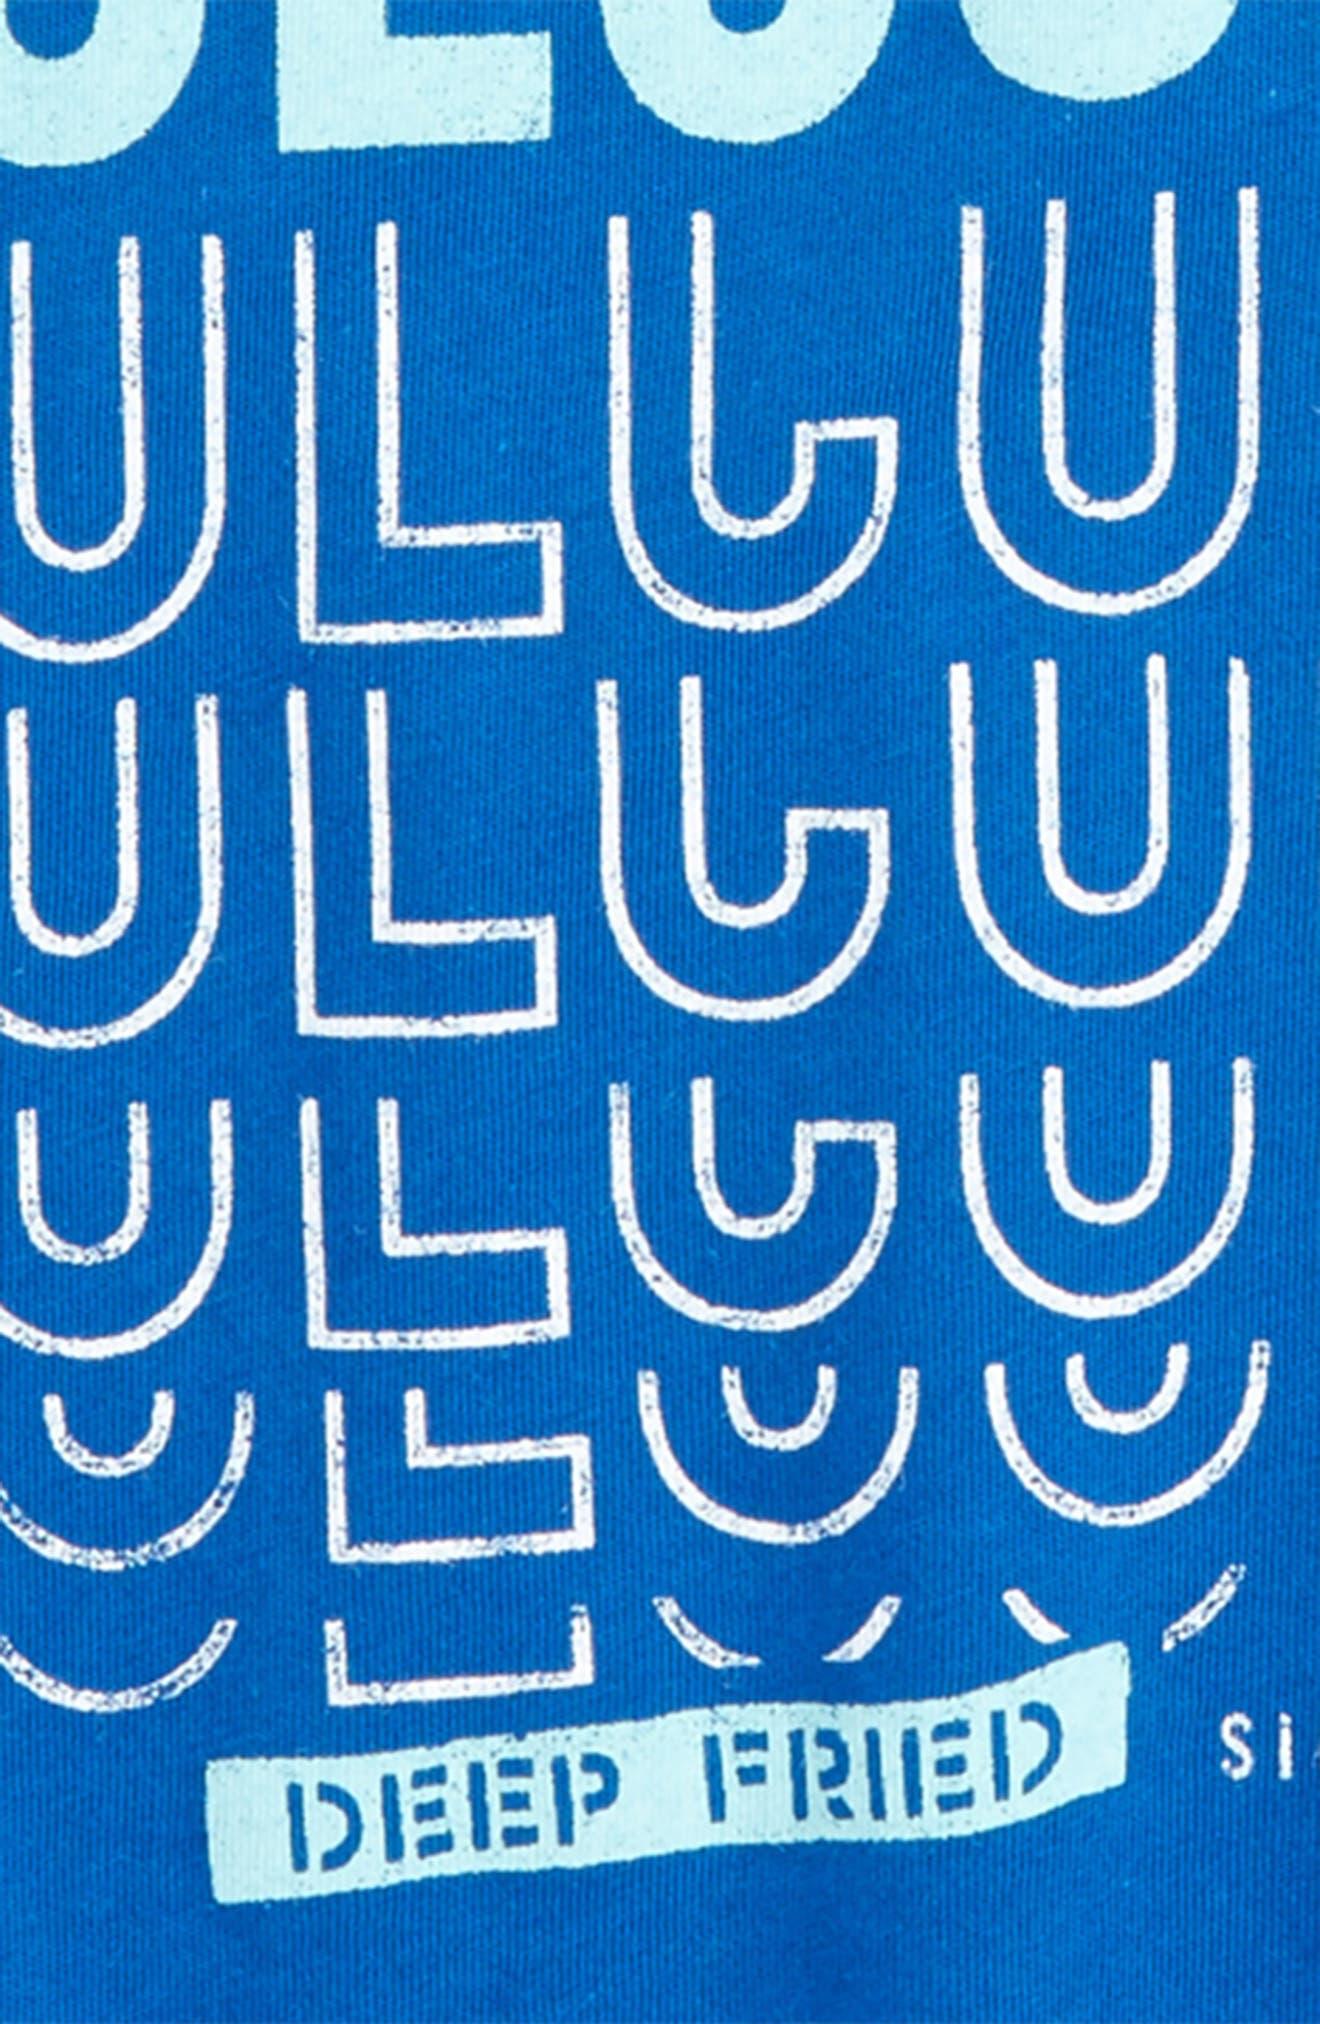 Copy Cut Graphic T-Shirt,                             Alternate thumbnail 2, color,                             413